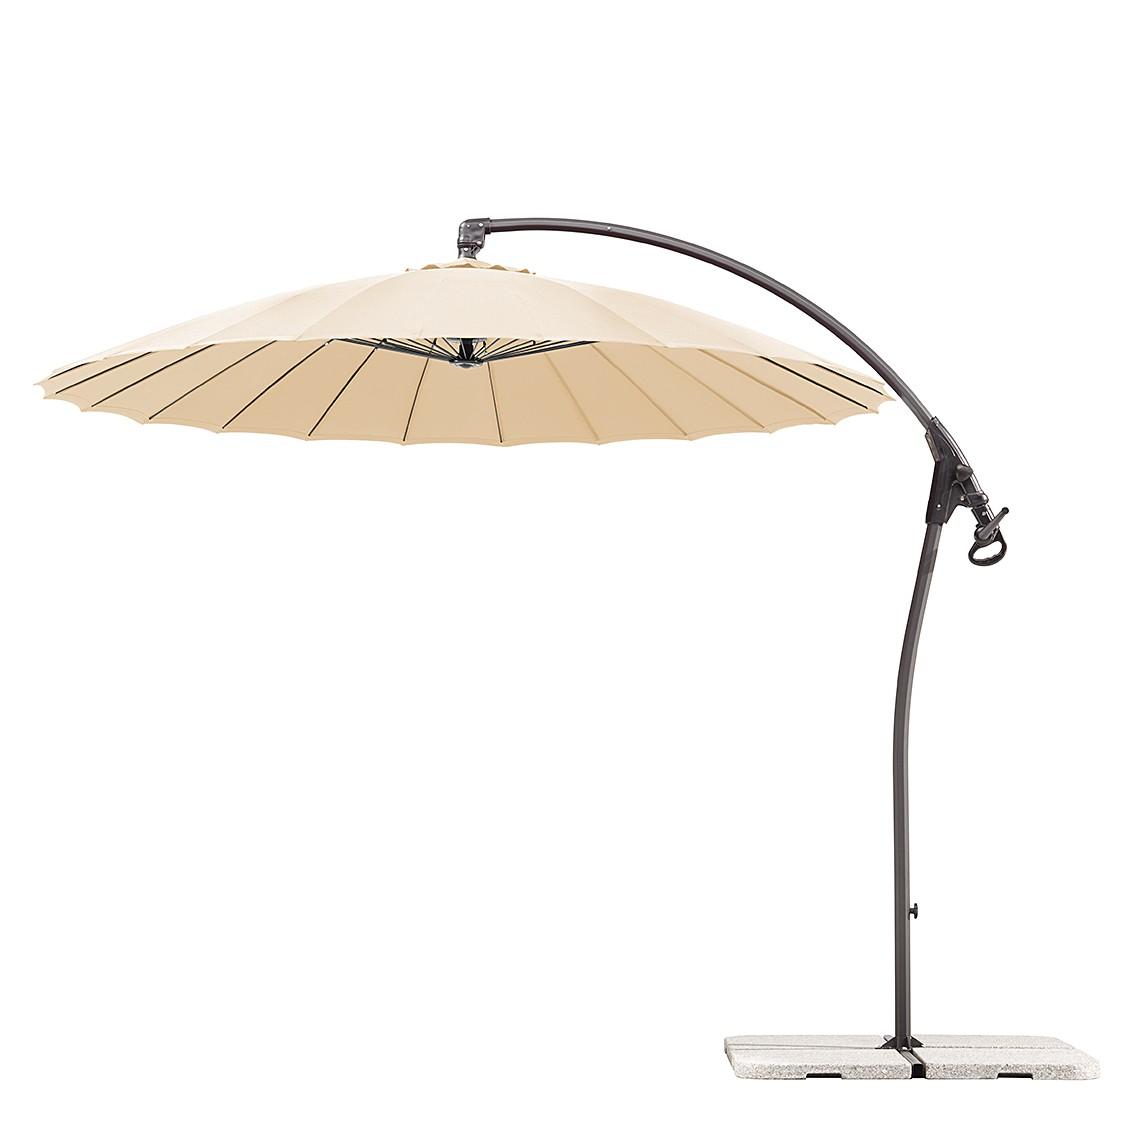 Sonnenschirm Lotus 270 - Stahl/Polyester - Anthrazit/Natur, Schneider Schirme